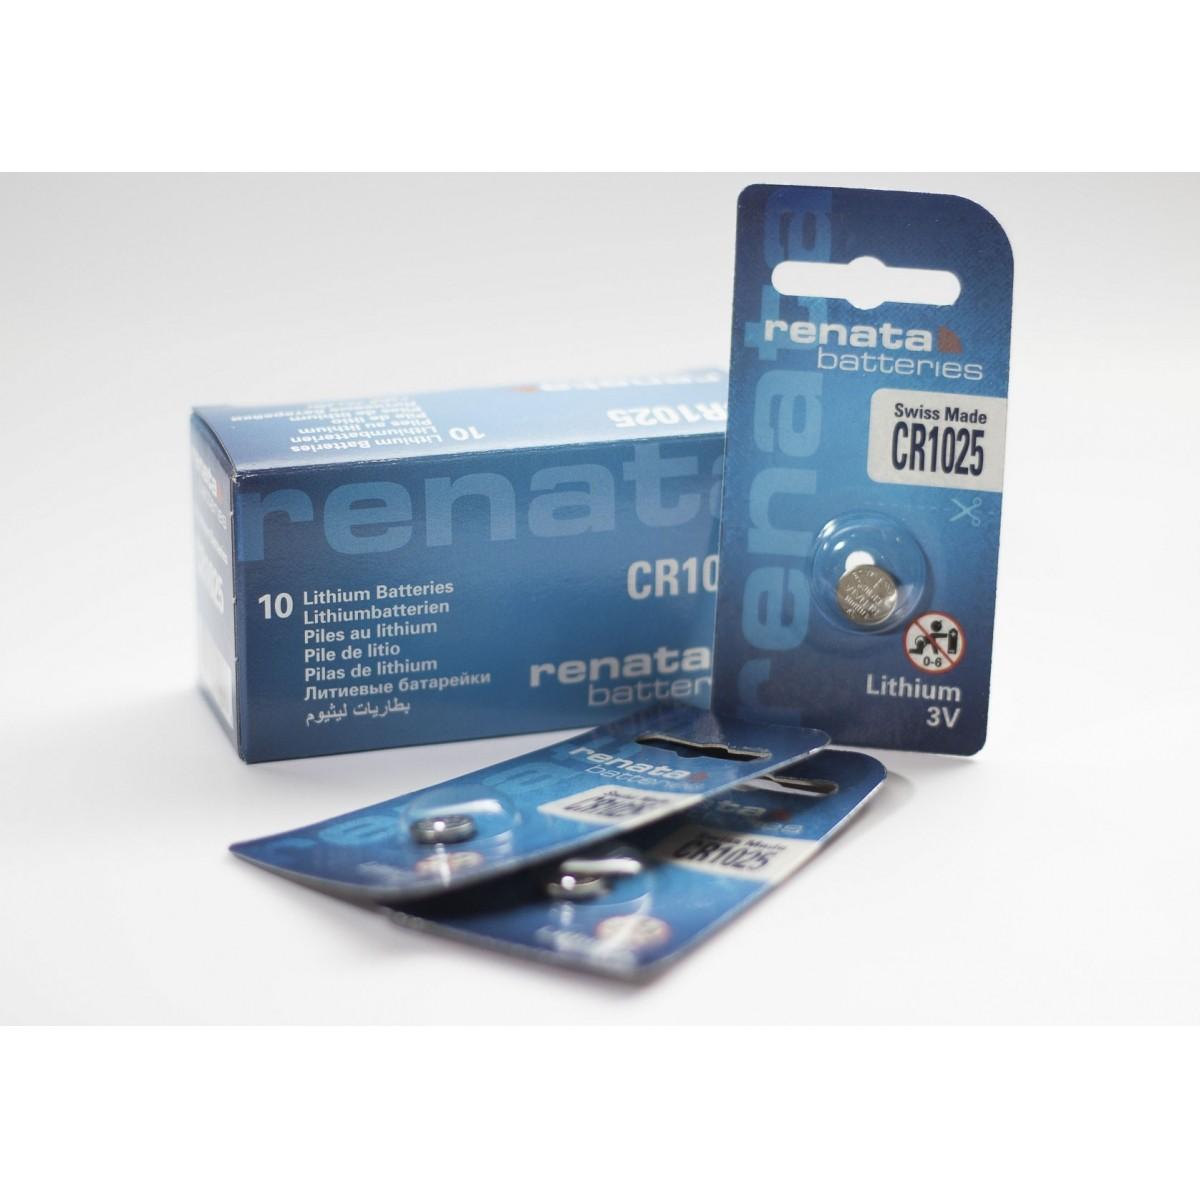 10 Baterias Pilhas Lithium Renata CR1025 - 01 caixa com 10 unidades